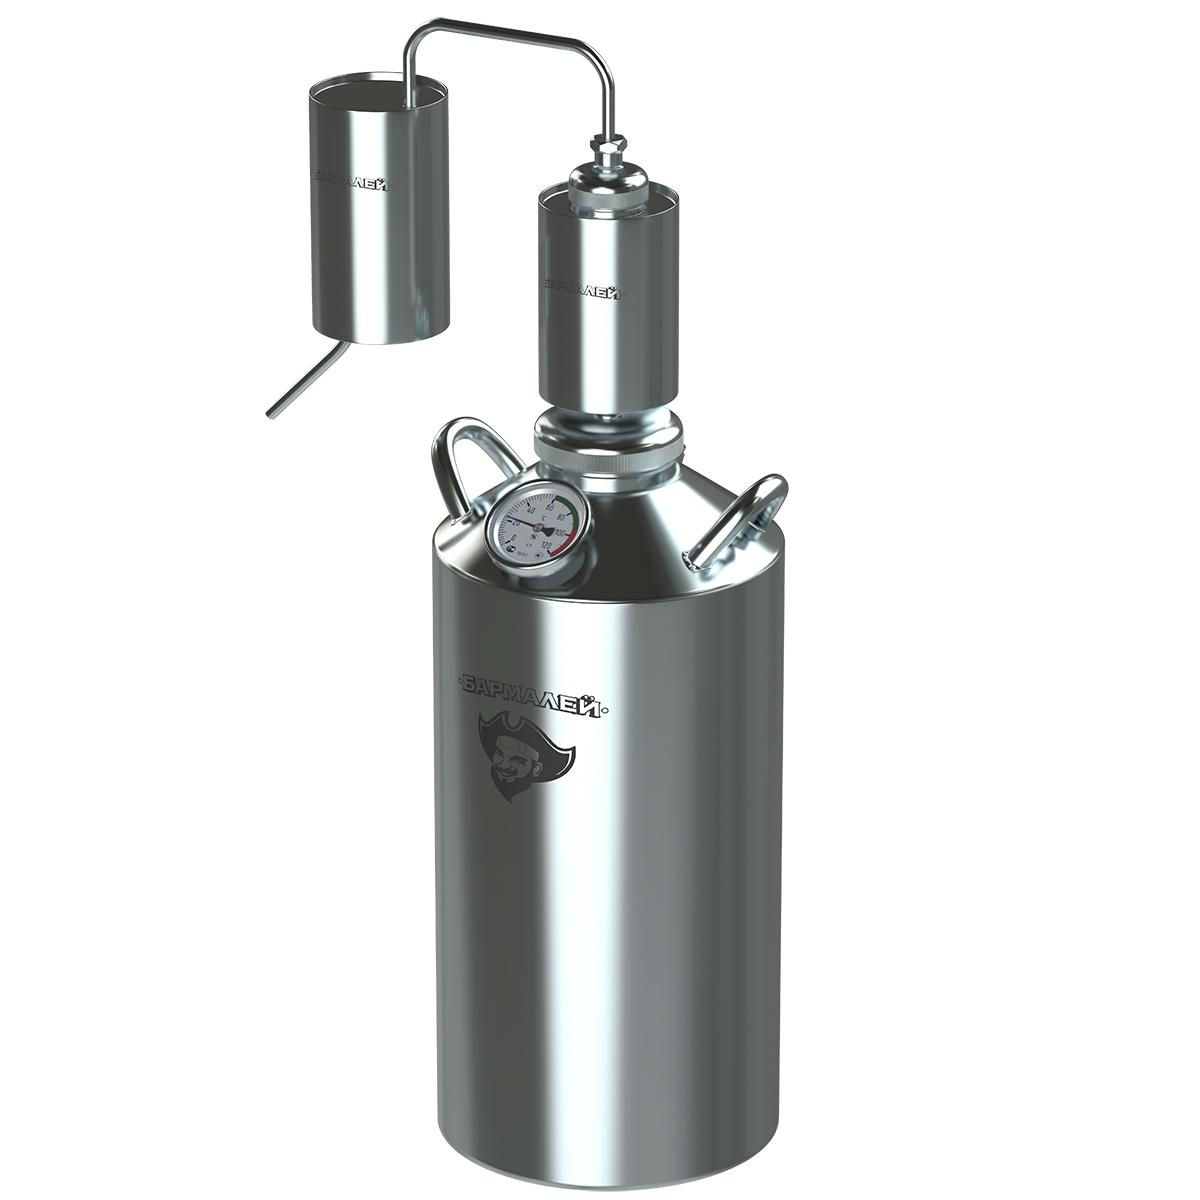 Дистиллятор БАРМАЛЕЙДополнительная техника для кухни<br>Тип: дистиллятор,<br>Объем: 20,<br>Материал: нержавеющая сталь<br>